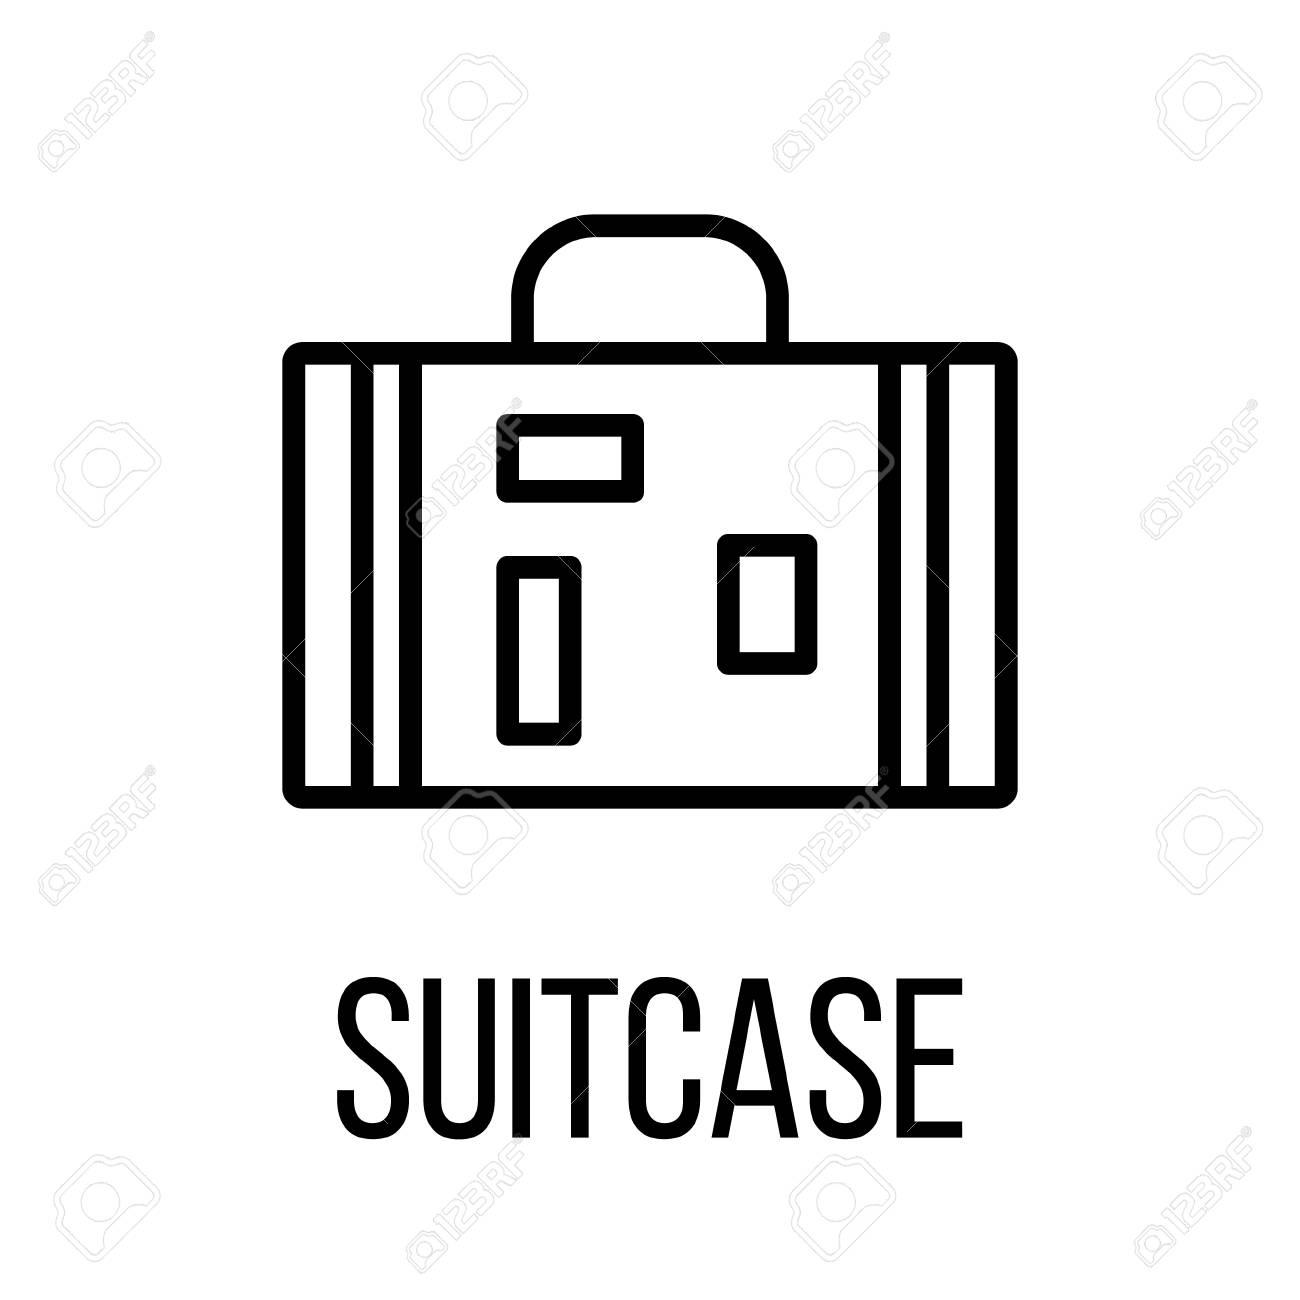 Icône de valise ou logo dans le style de ligne moderne. Pictogramme de contour noir de haute qualité pour la conception de sites Web et les